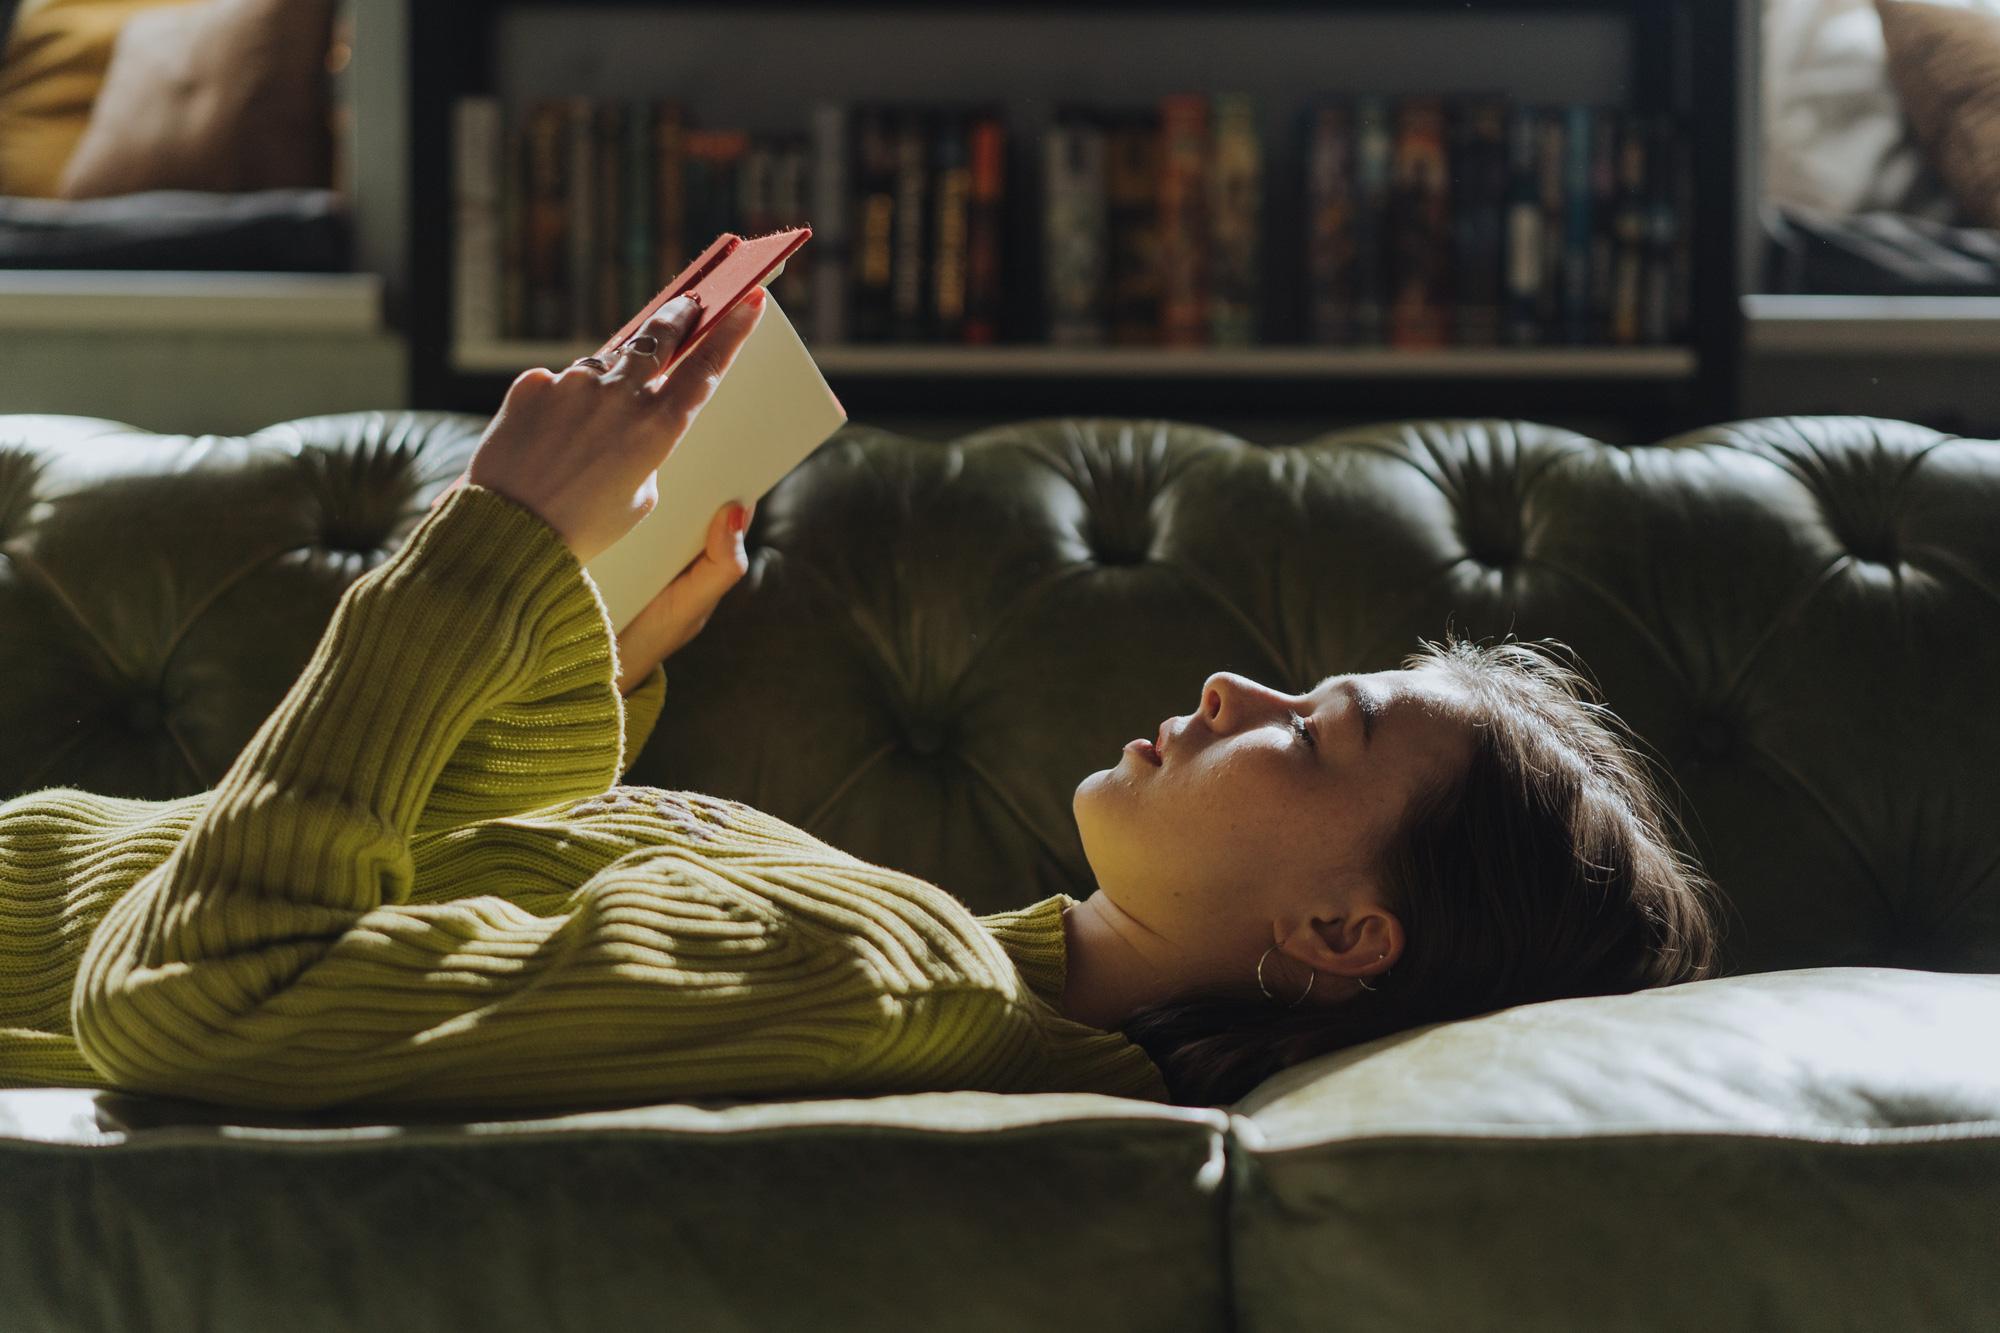 """Thời người ta """"dám"""" chi 85 triệu cho 1 cuốn sách và trend """"đóng cửa tĩnh lặng đọc sách"""" lên ngôi ngày Sài Gòn giãn cách! - Ảnh 3."""